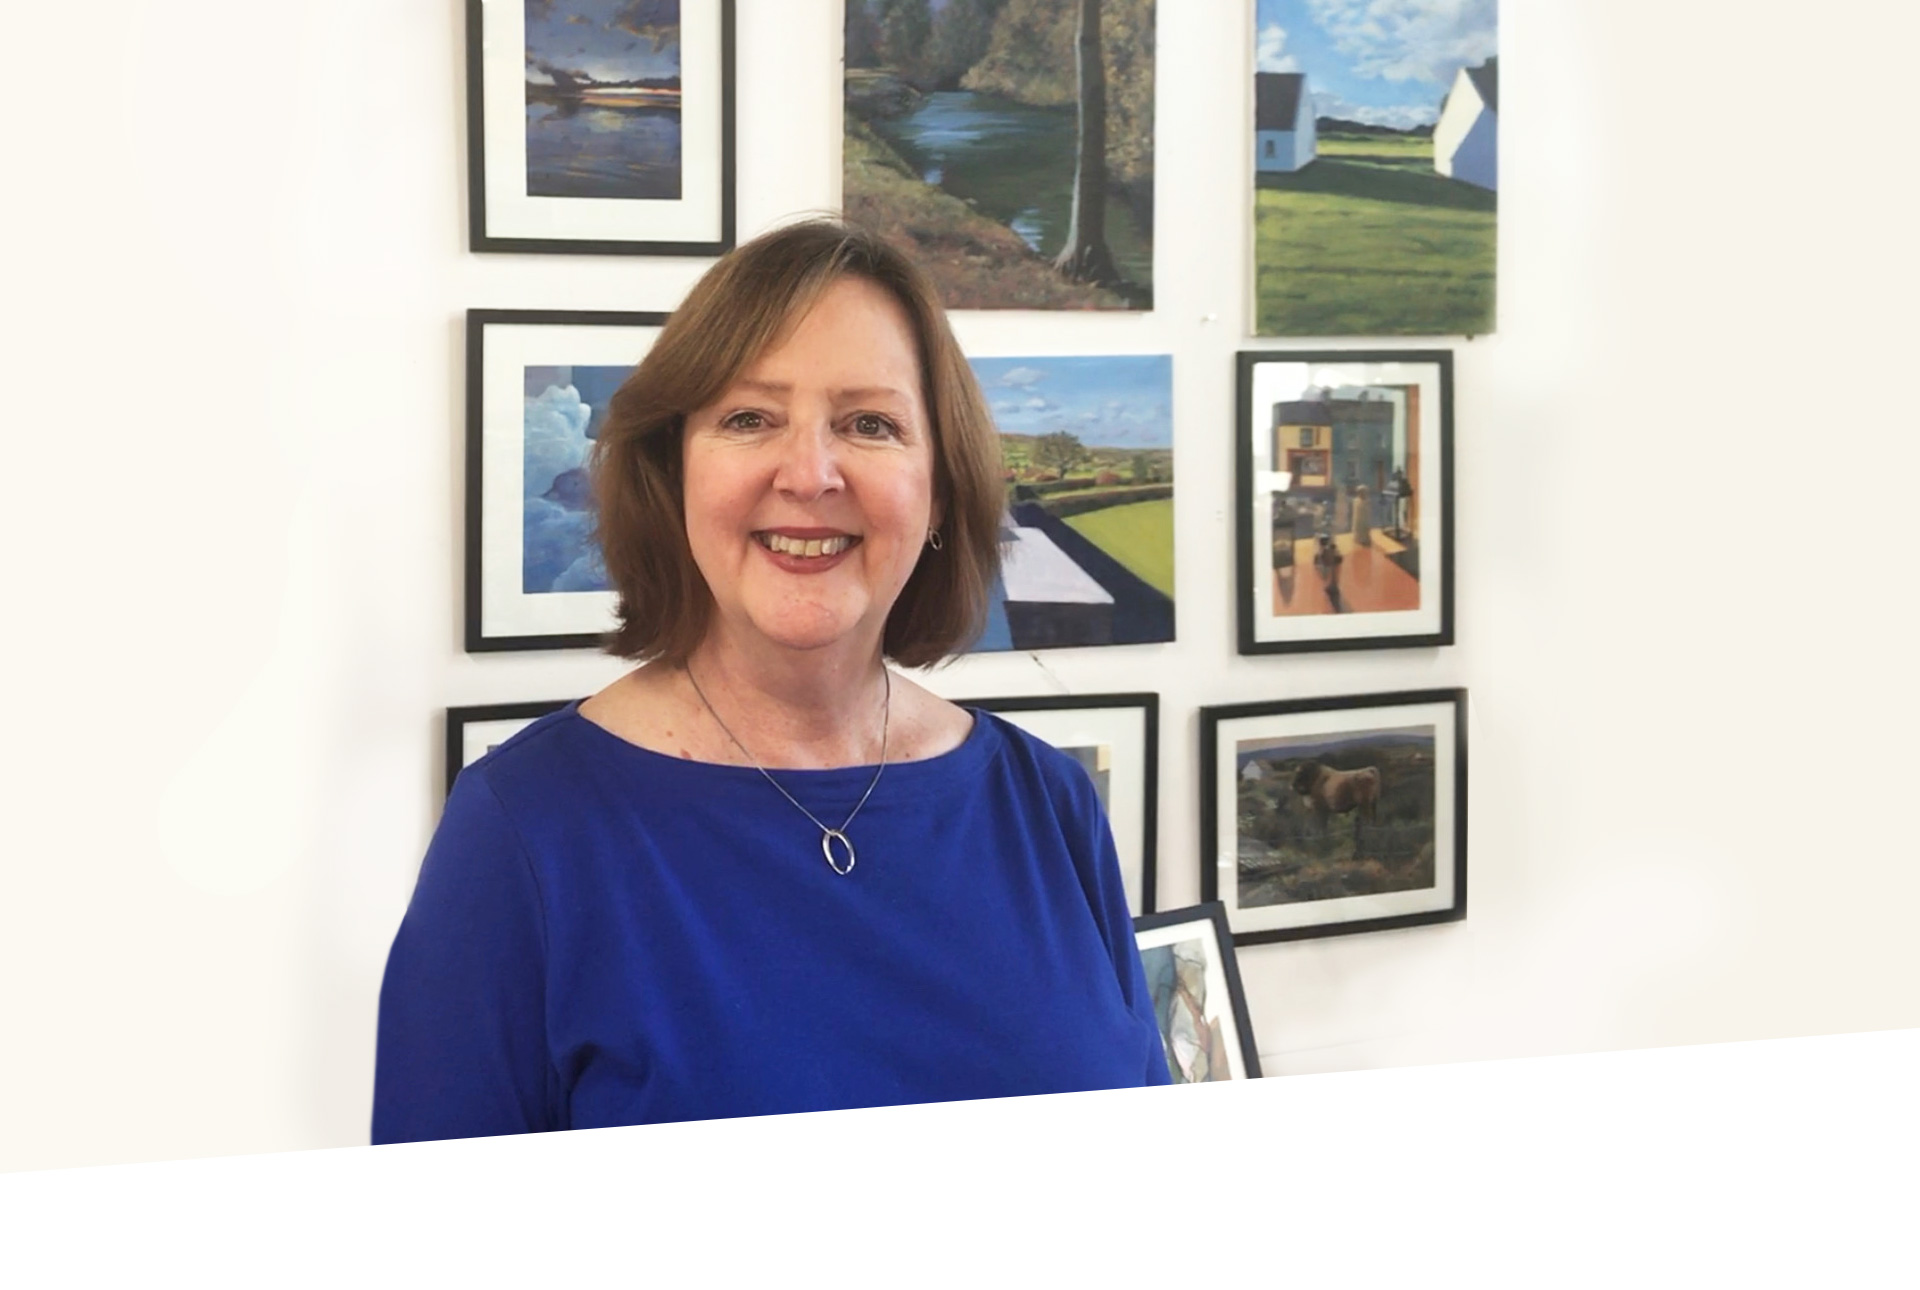 Helen Dannelly